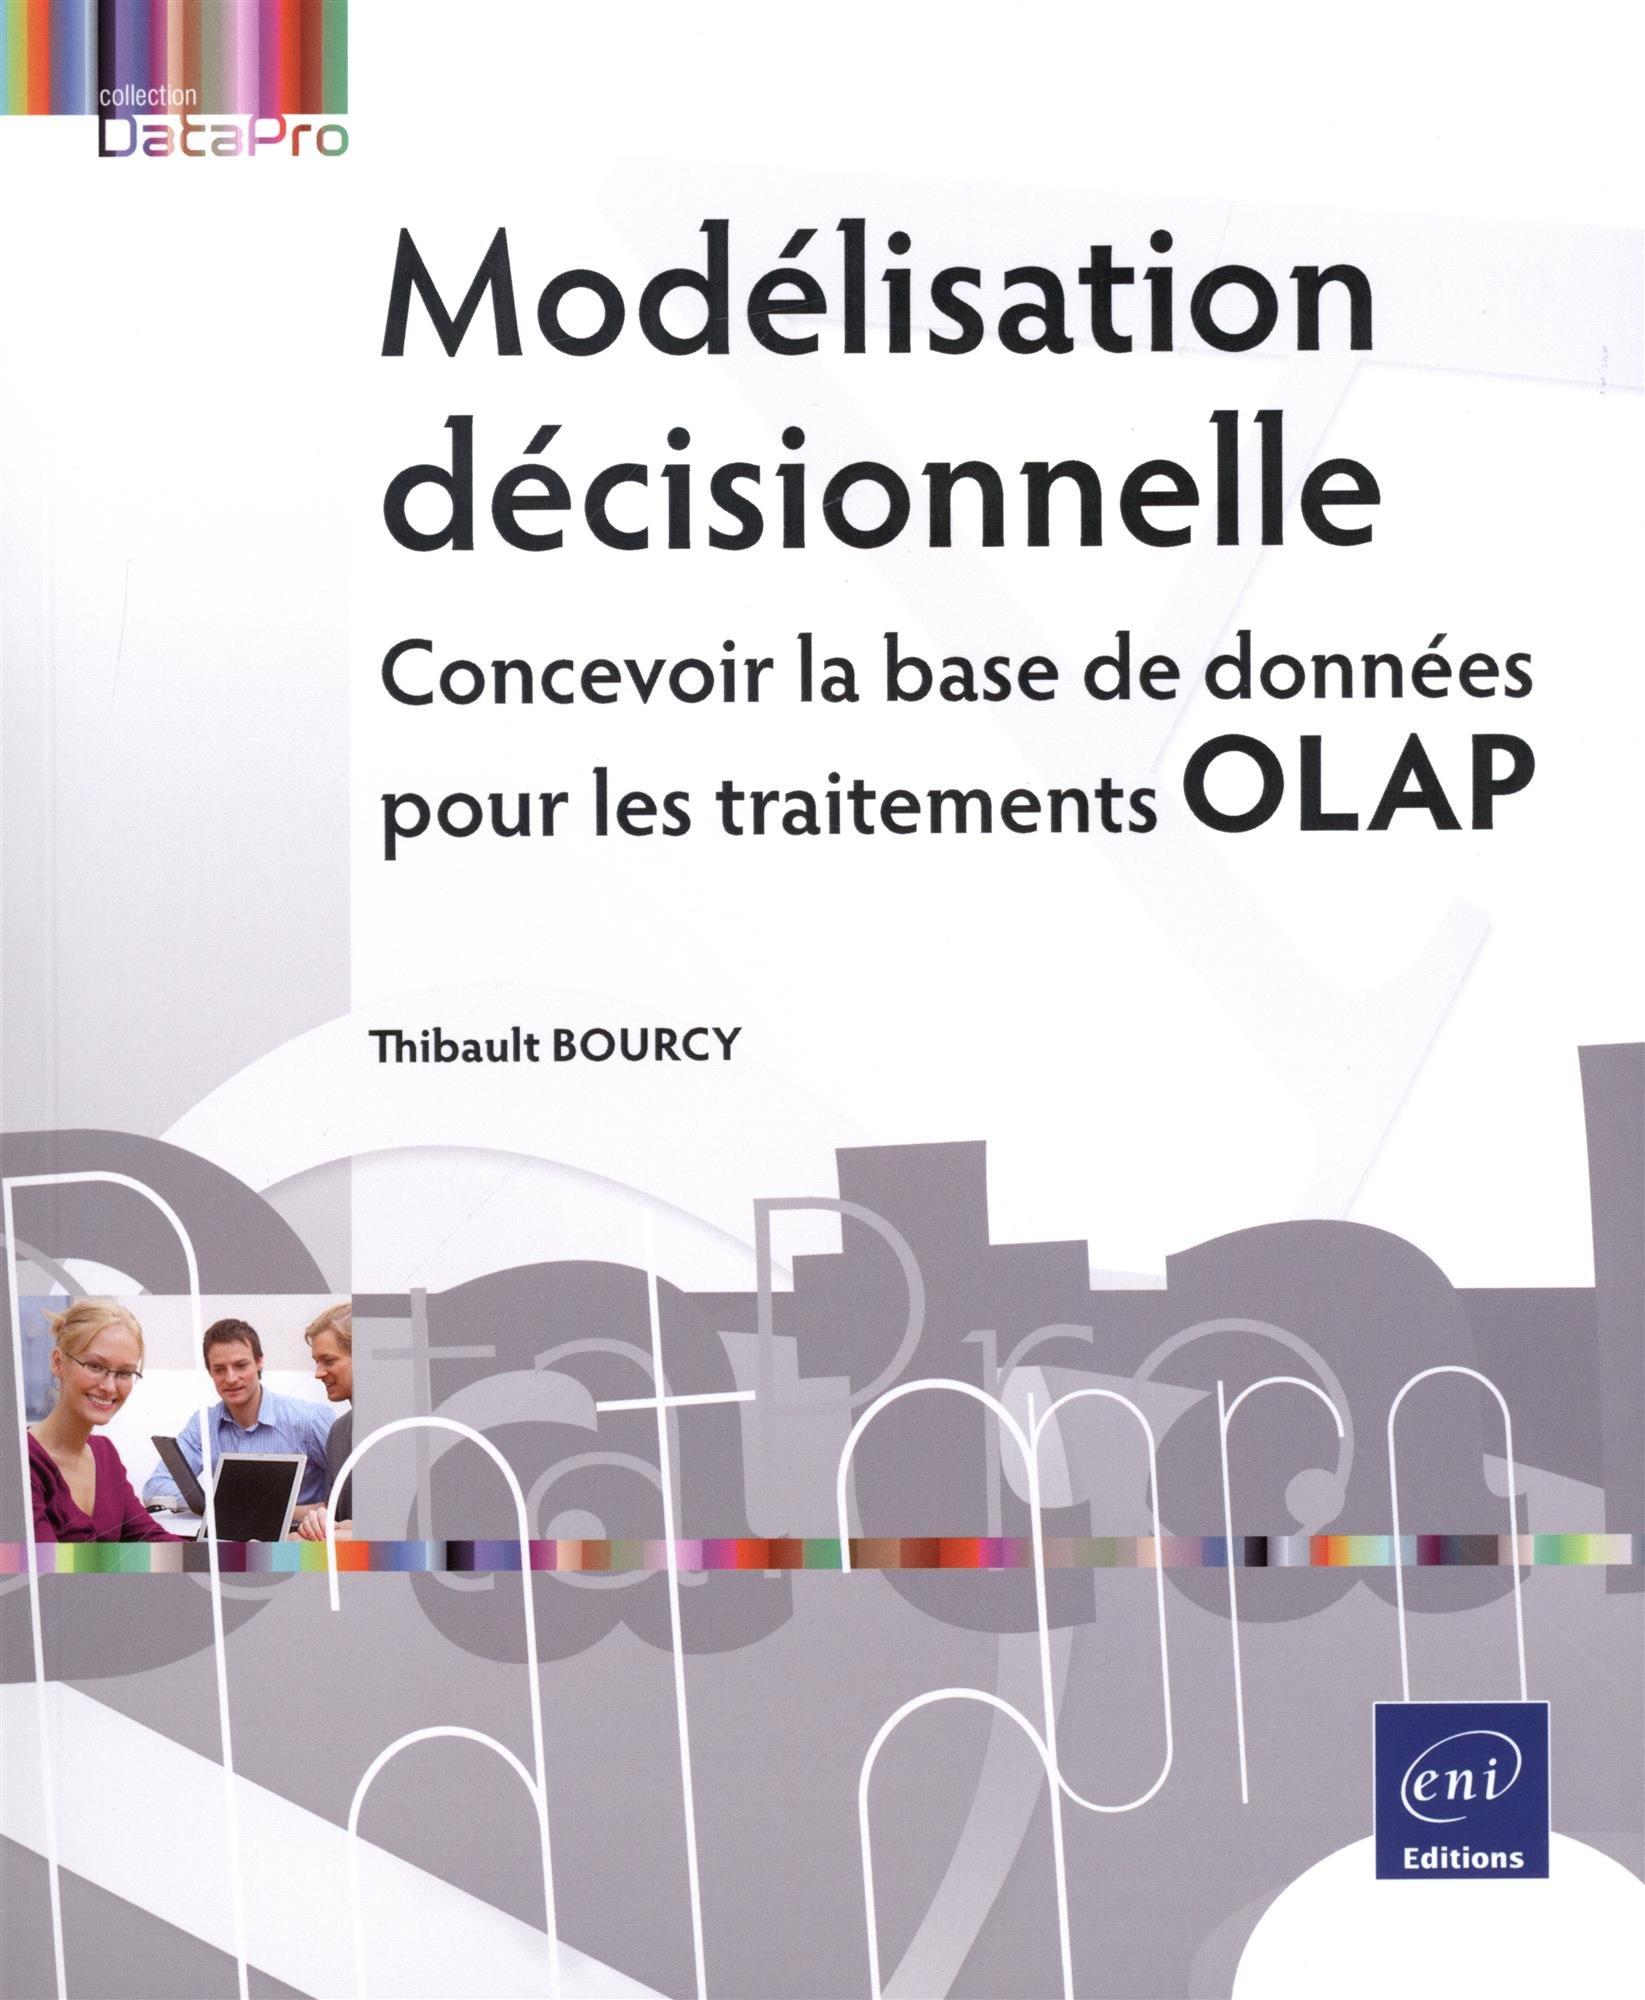 Modélisation décisionnelle - Concevoir la base de données pour les traitements OLAP Broché – 14 juin 2017 Thibault BOURCY DataPro 2409007937 Informatique